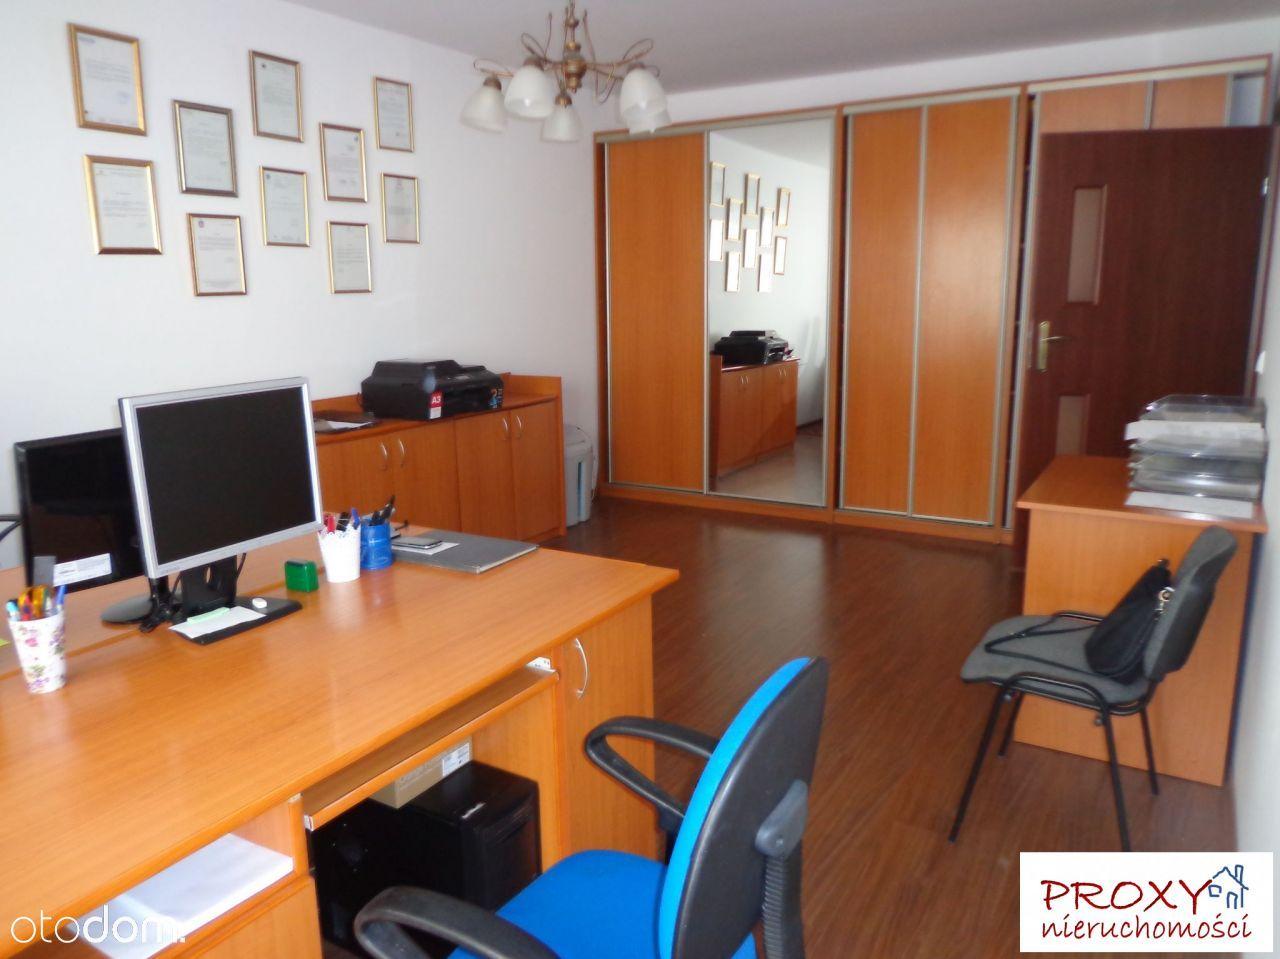 Mieszkanie na sprzedaż, Toruń, Jakubskie Przedmieście - Foto 3